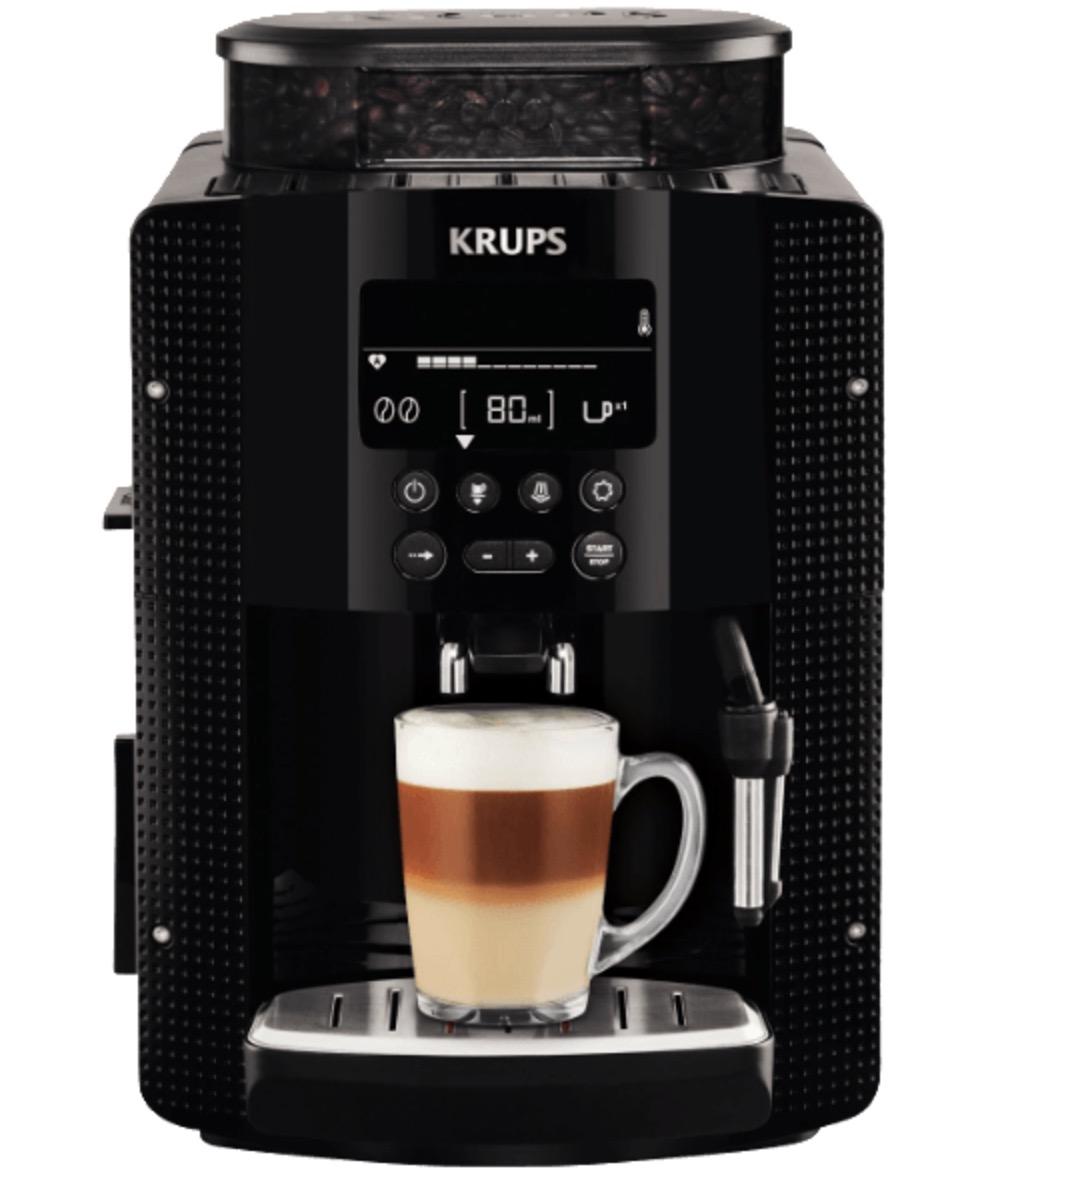 Krups Kaffeevollautomat EA8150 in Schwarz für nur 229,- Euro inkl. Versand